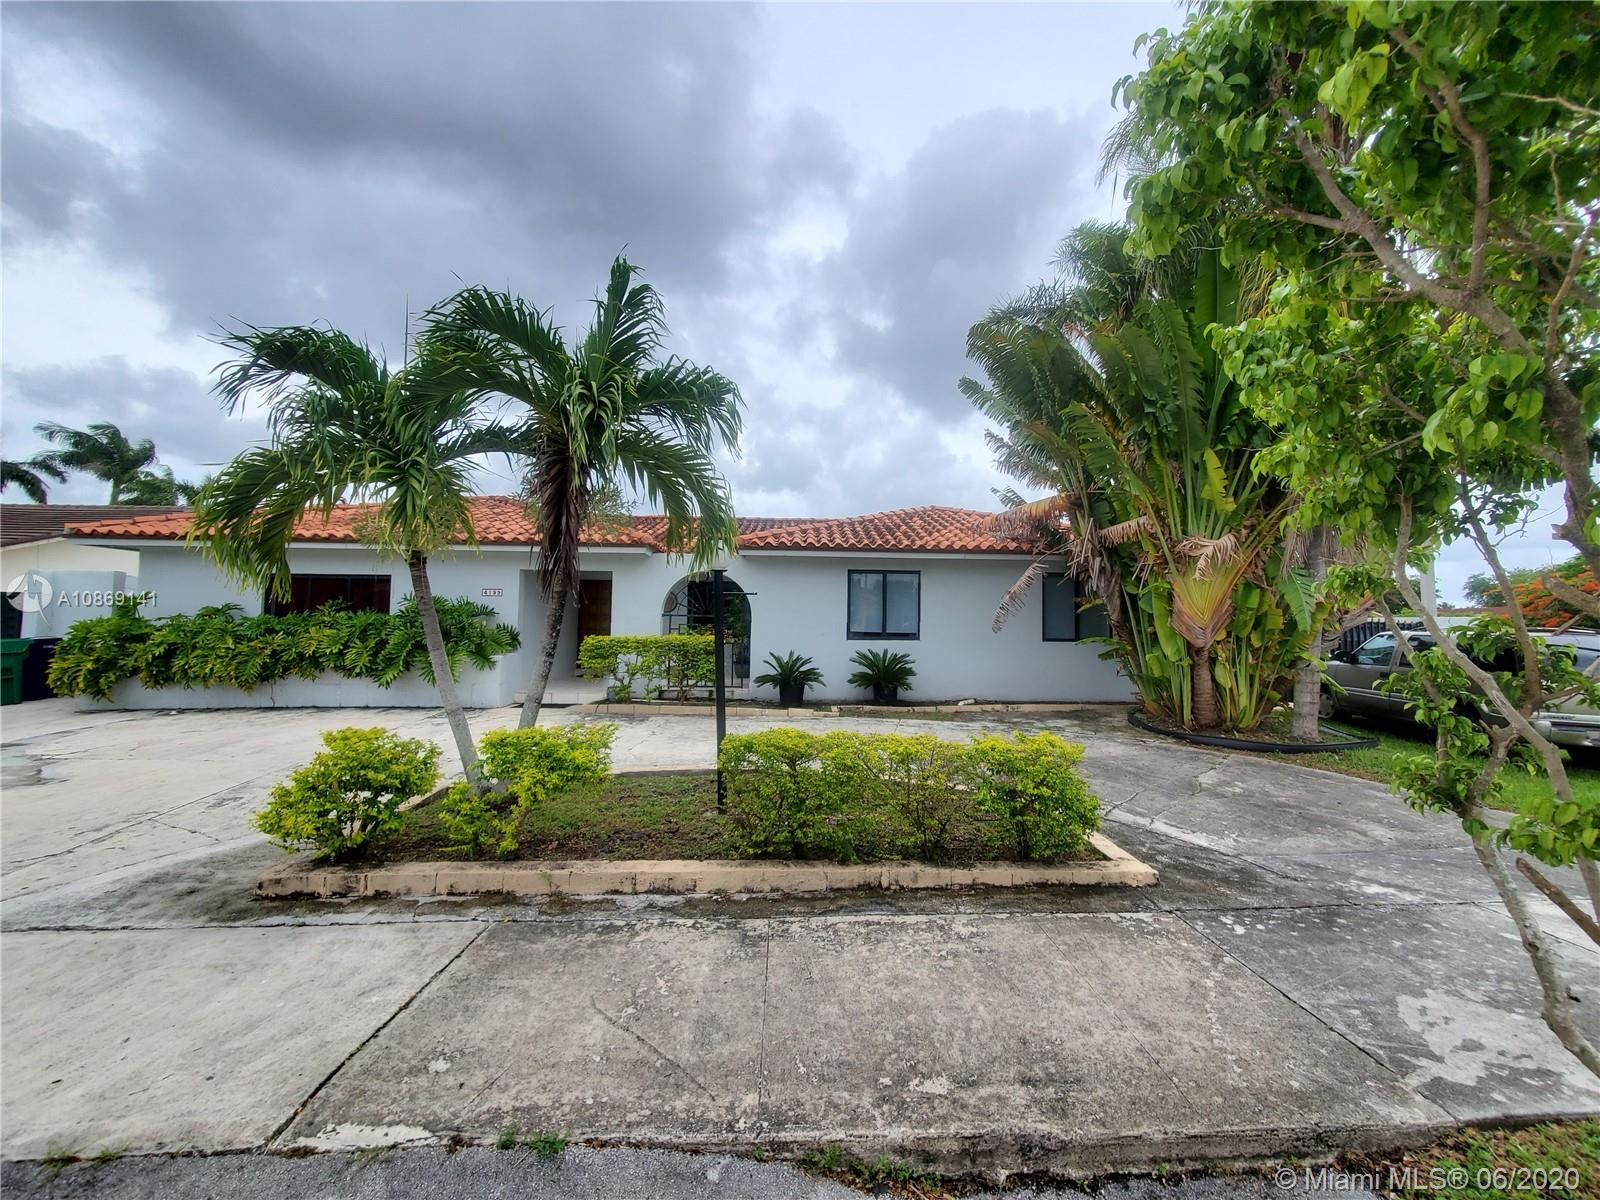 J G Heads Farms - 4199 SW 142nd Ave, Miami, FL 33175